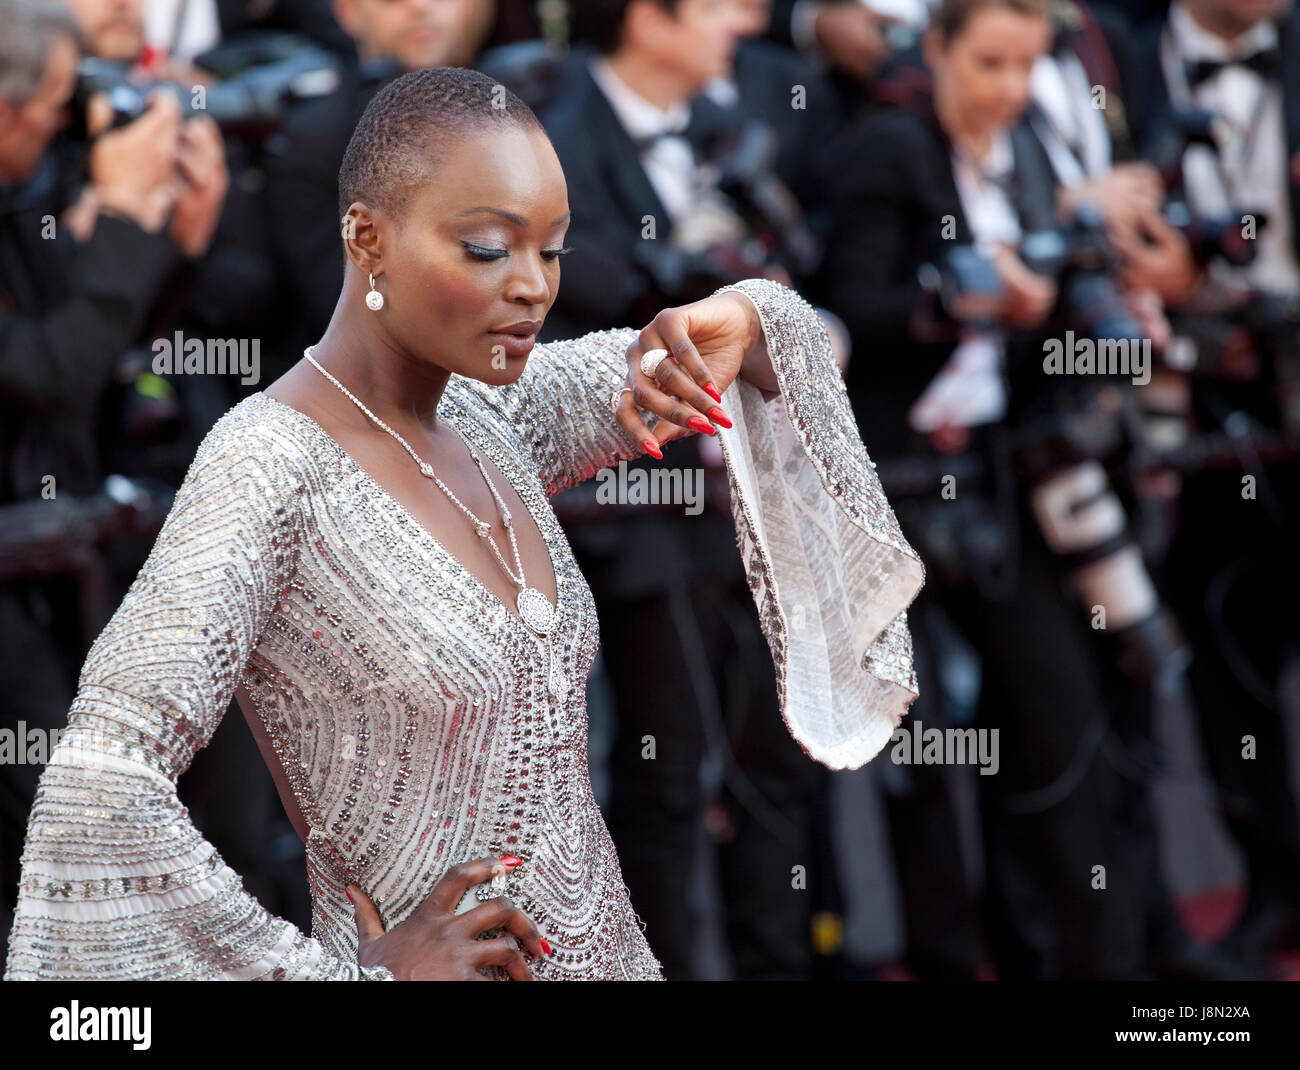 Cannes, France. 28 mai, 2017. Miriam Odemba arrivant à la cérémonie de clôture et le prix à Photo Stock